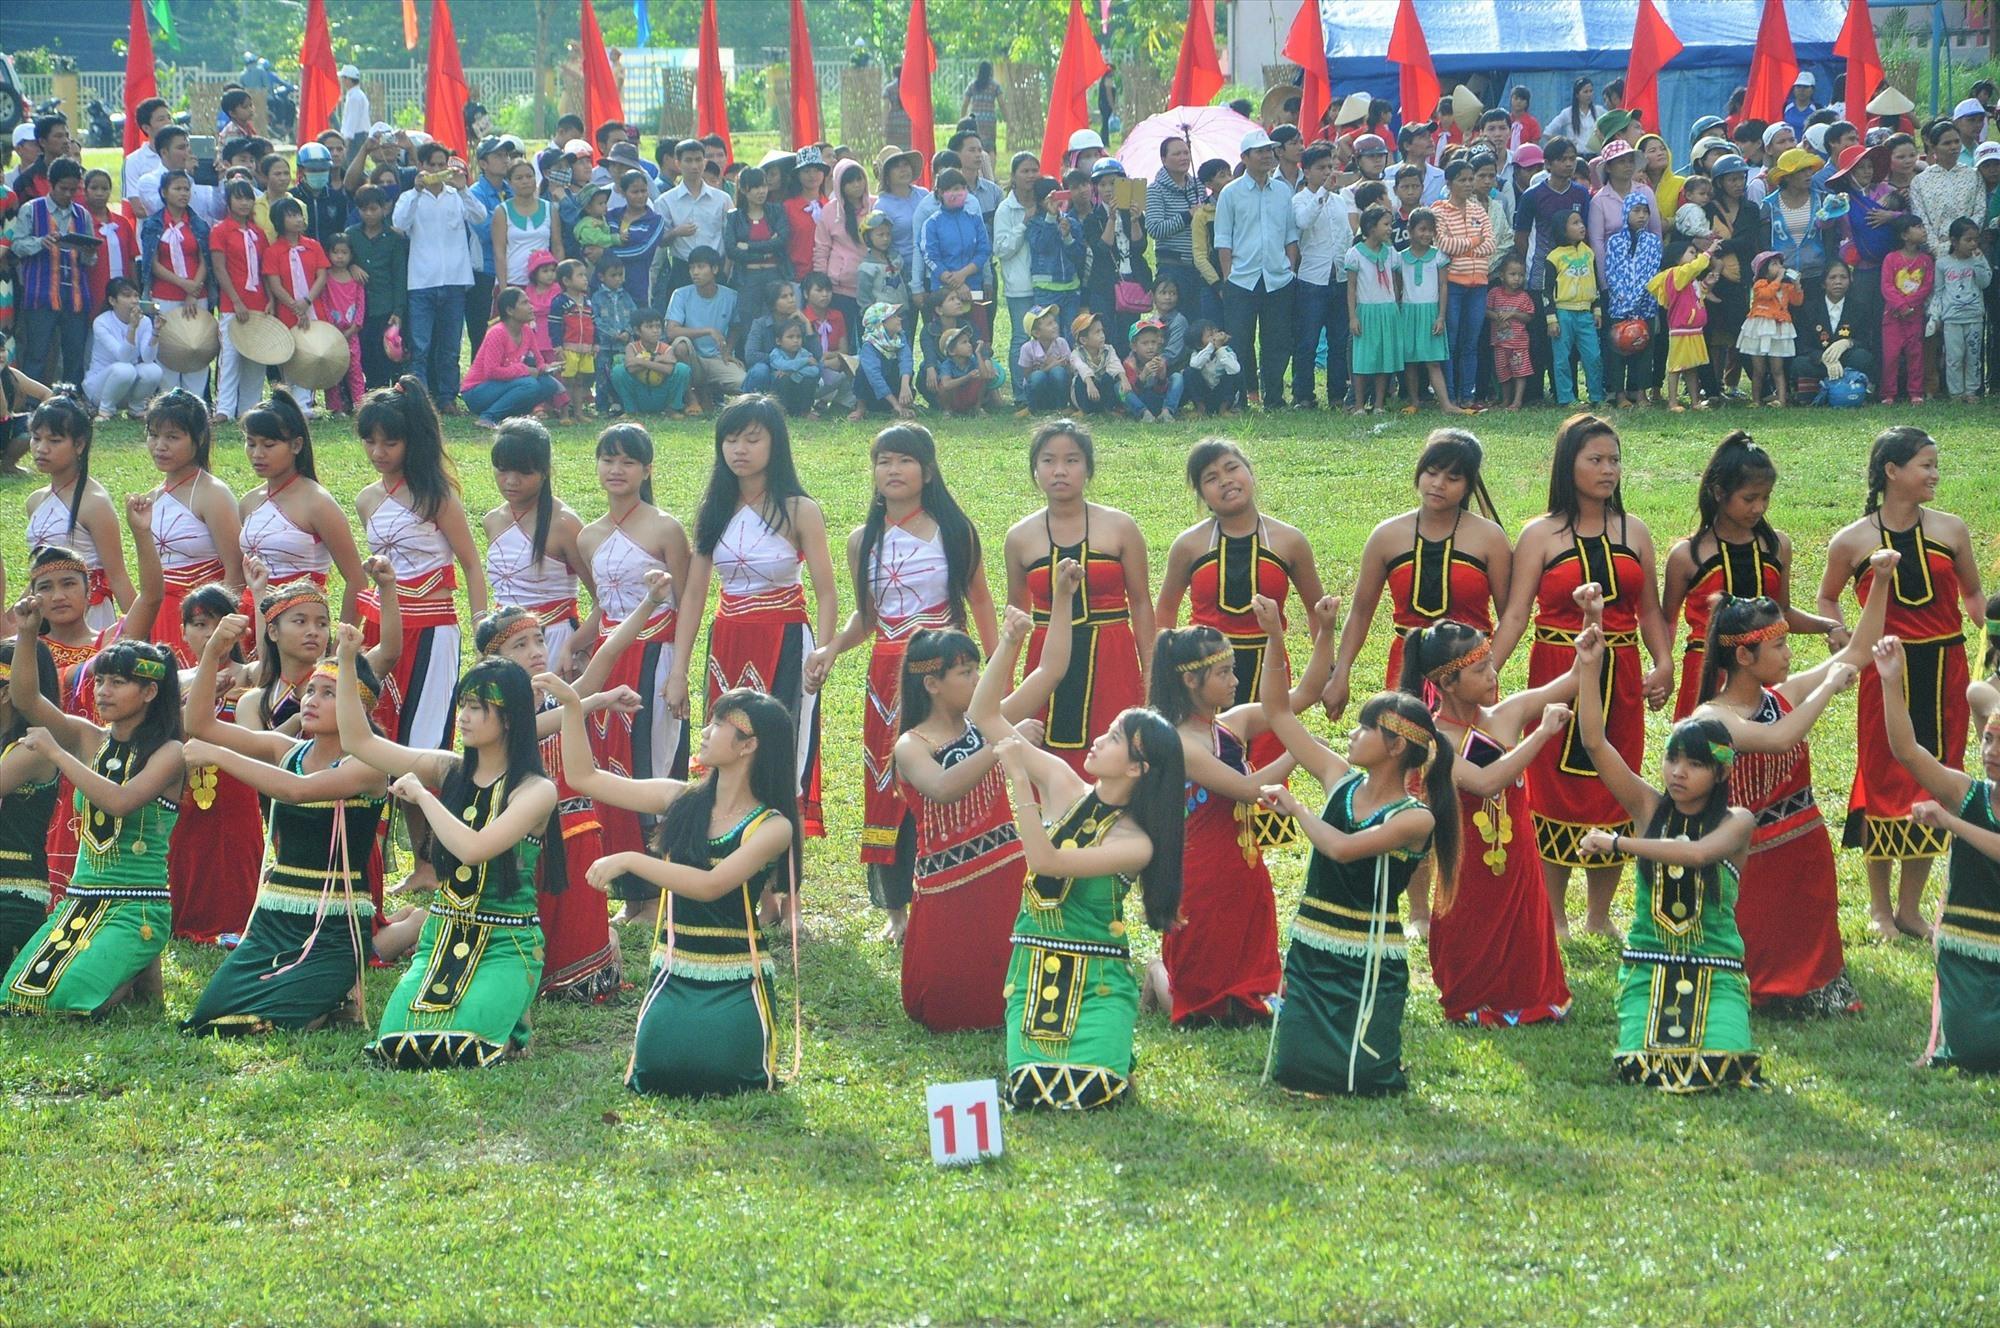 Hội thi thể thao cac dân tộc thiểu số lần đầu tiên tổ chức tại Nam Trà My năm 2016. Ảnh: T.V